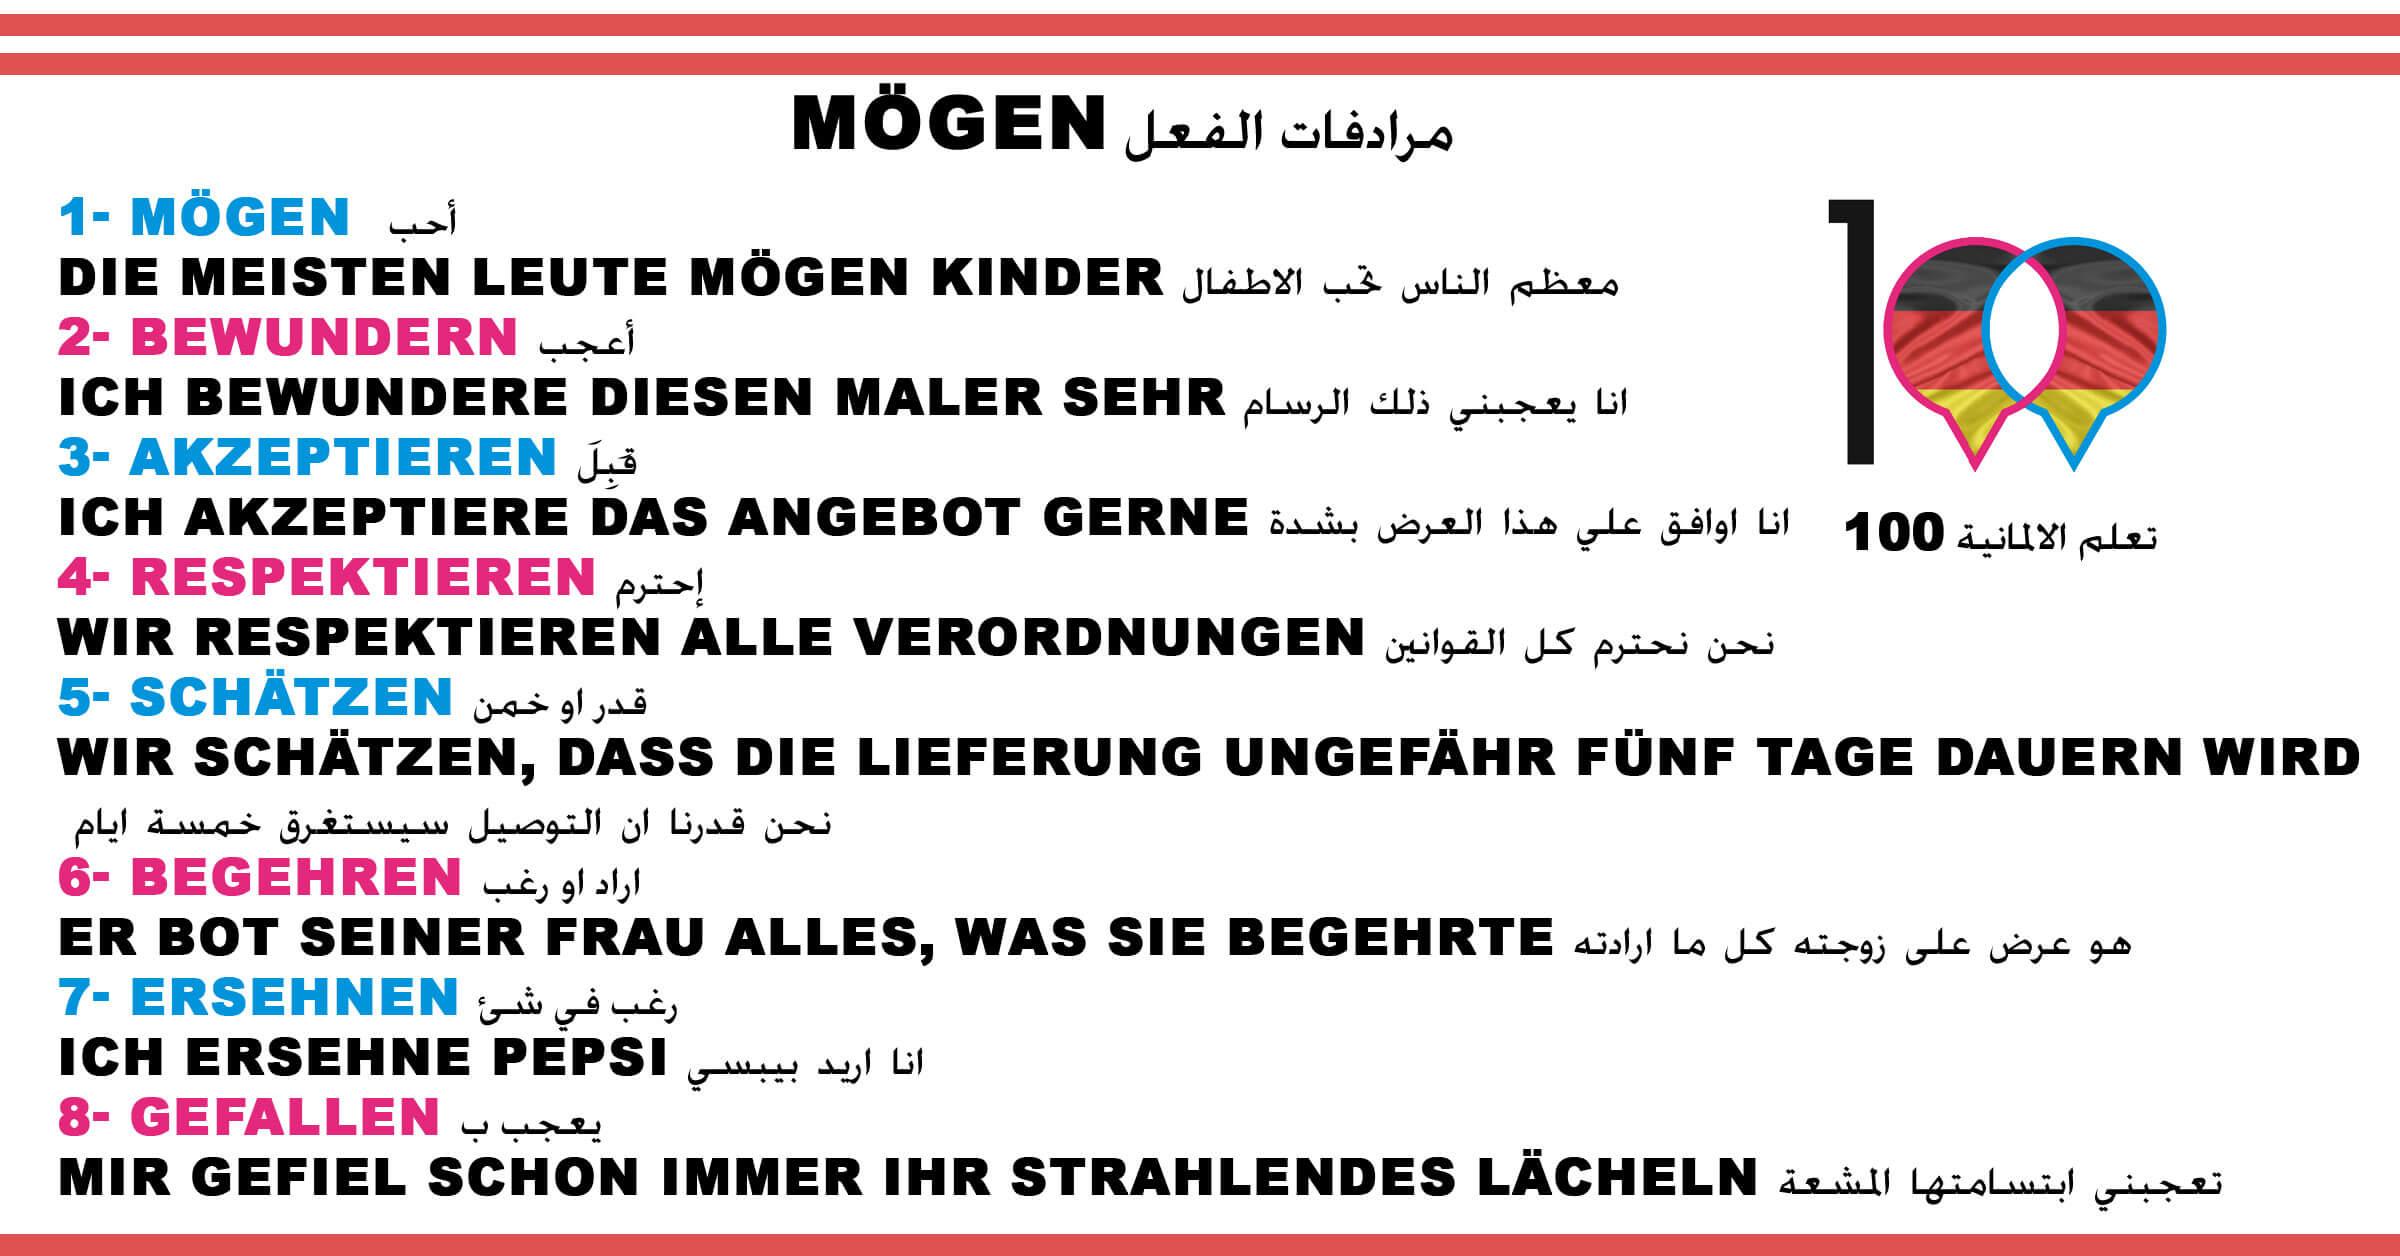 مرادفات الفعل Mögen - تعلم اللغة الالمانية mögen 1 تعلم اللغة الالمانية